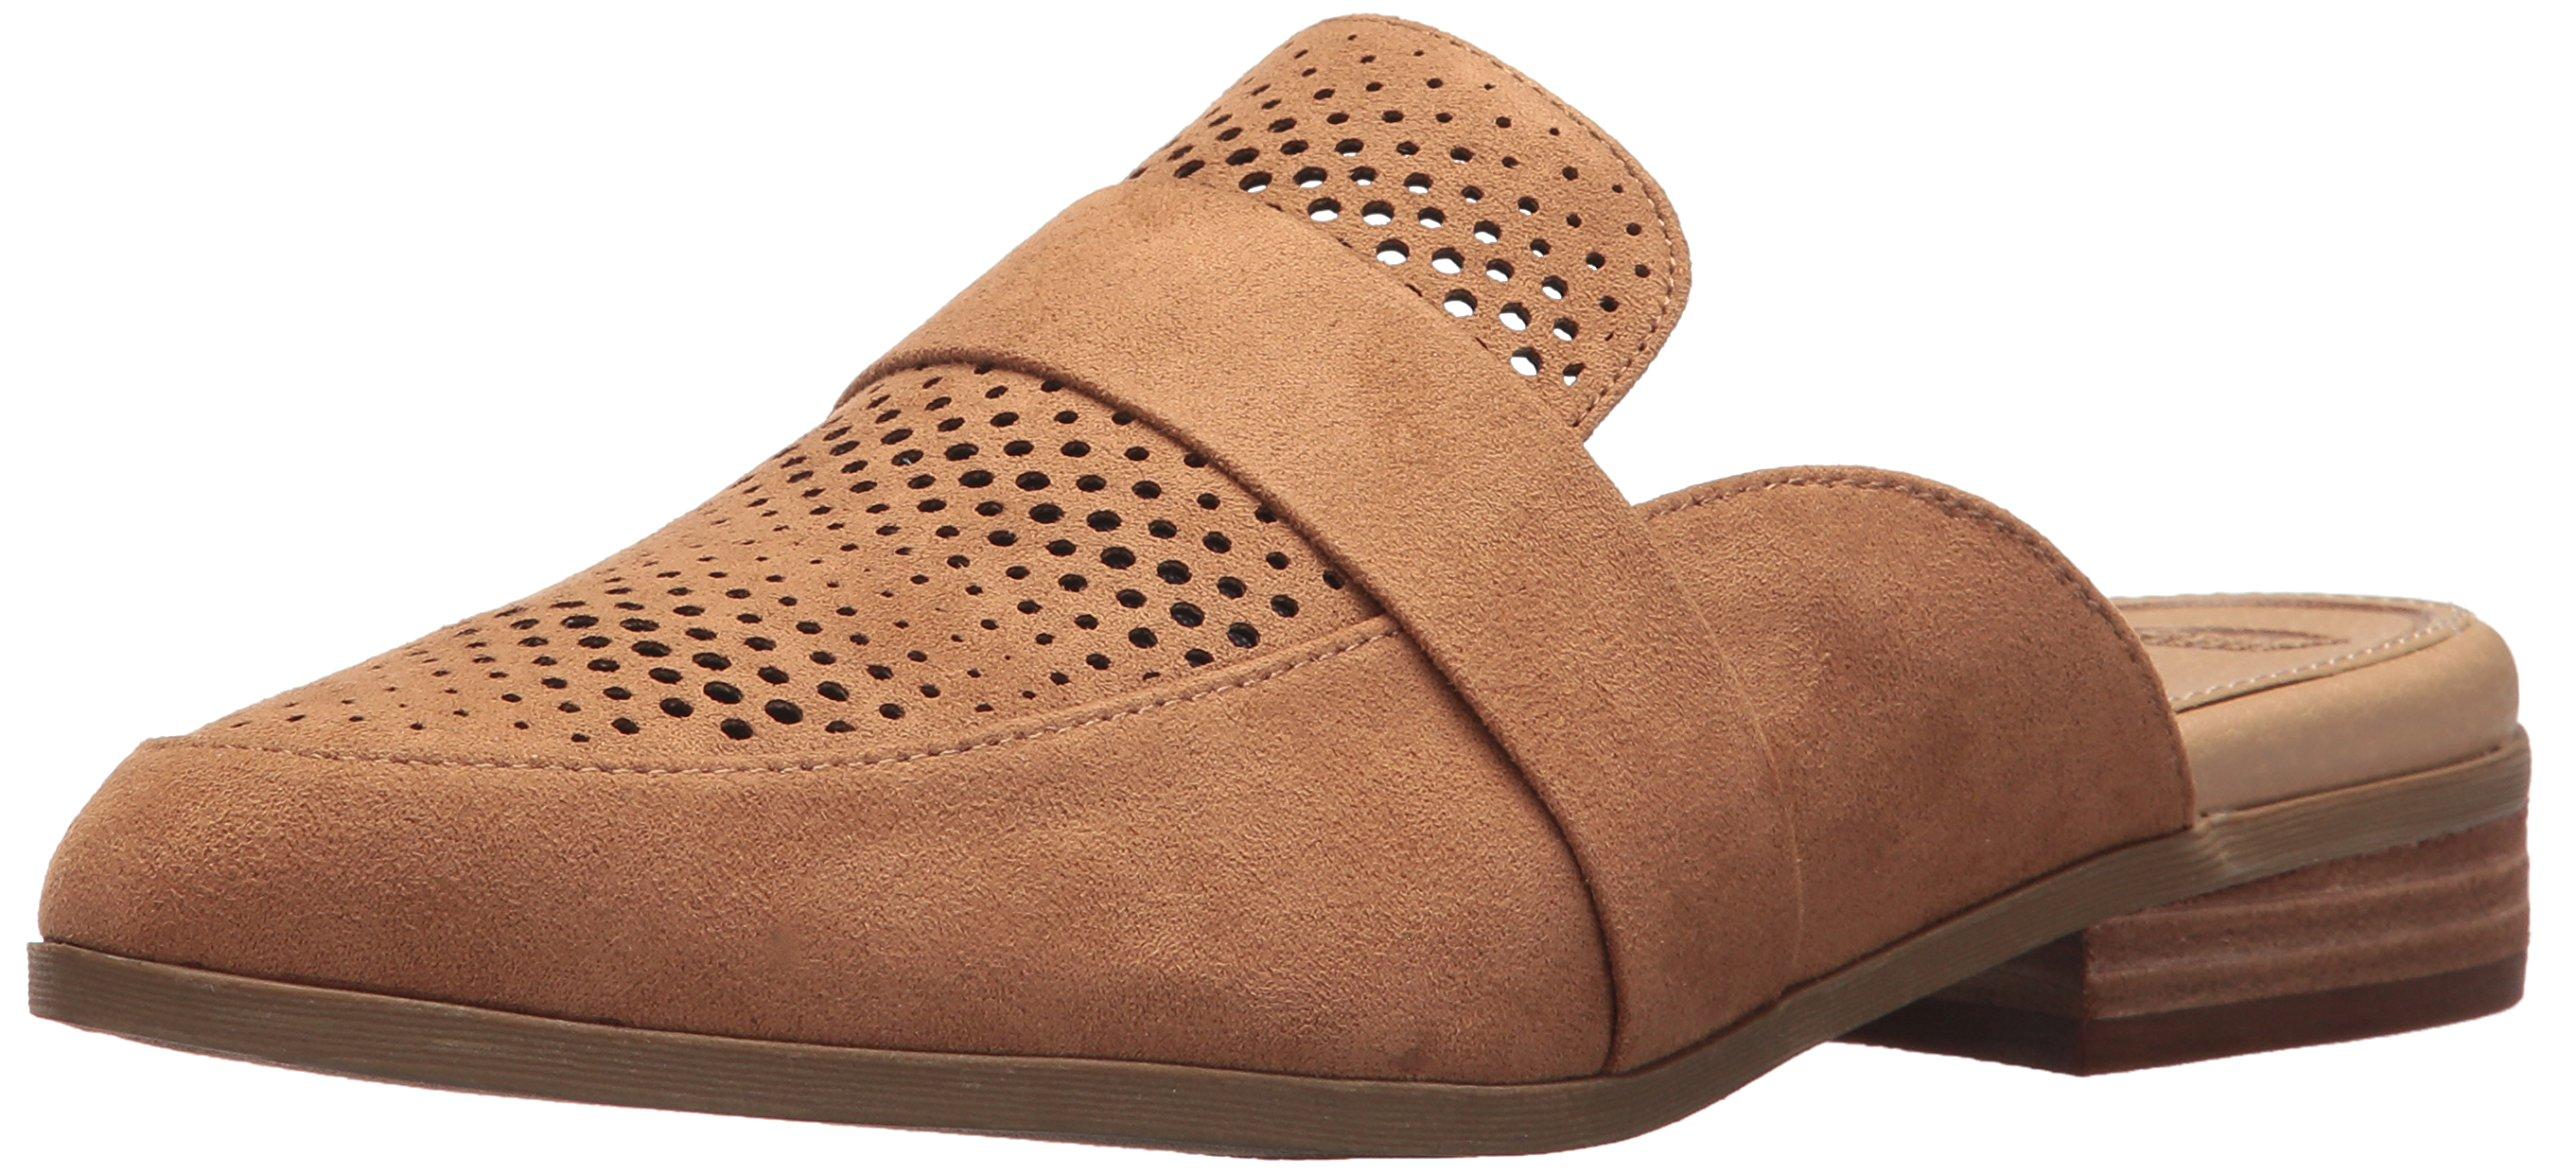 Dr. Scholl's Shoes Women's Exact Chop Mule, Saddle Microfiber, 6 M US